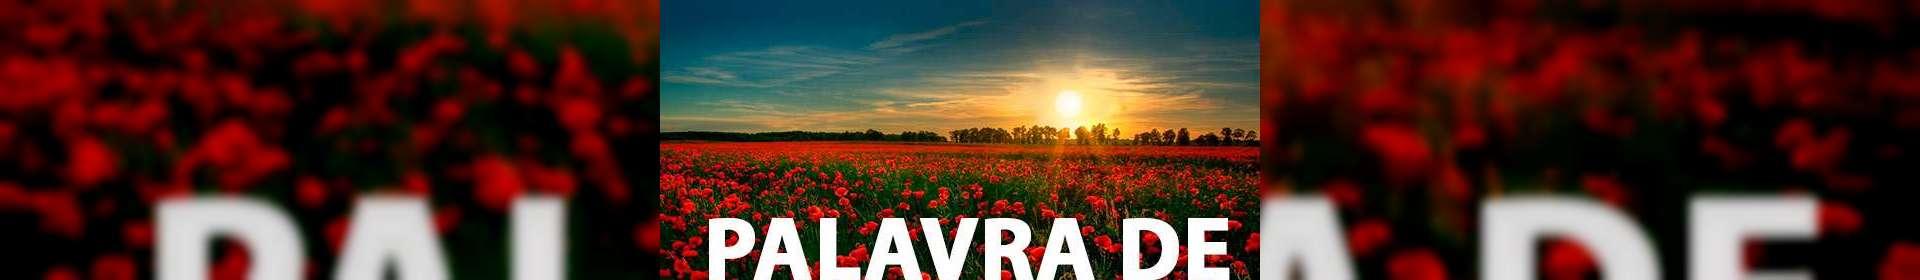 Salmos 6:2 - Uma Palavra de Esperança para sua vida